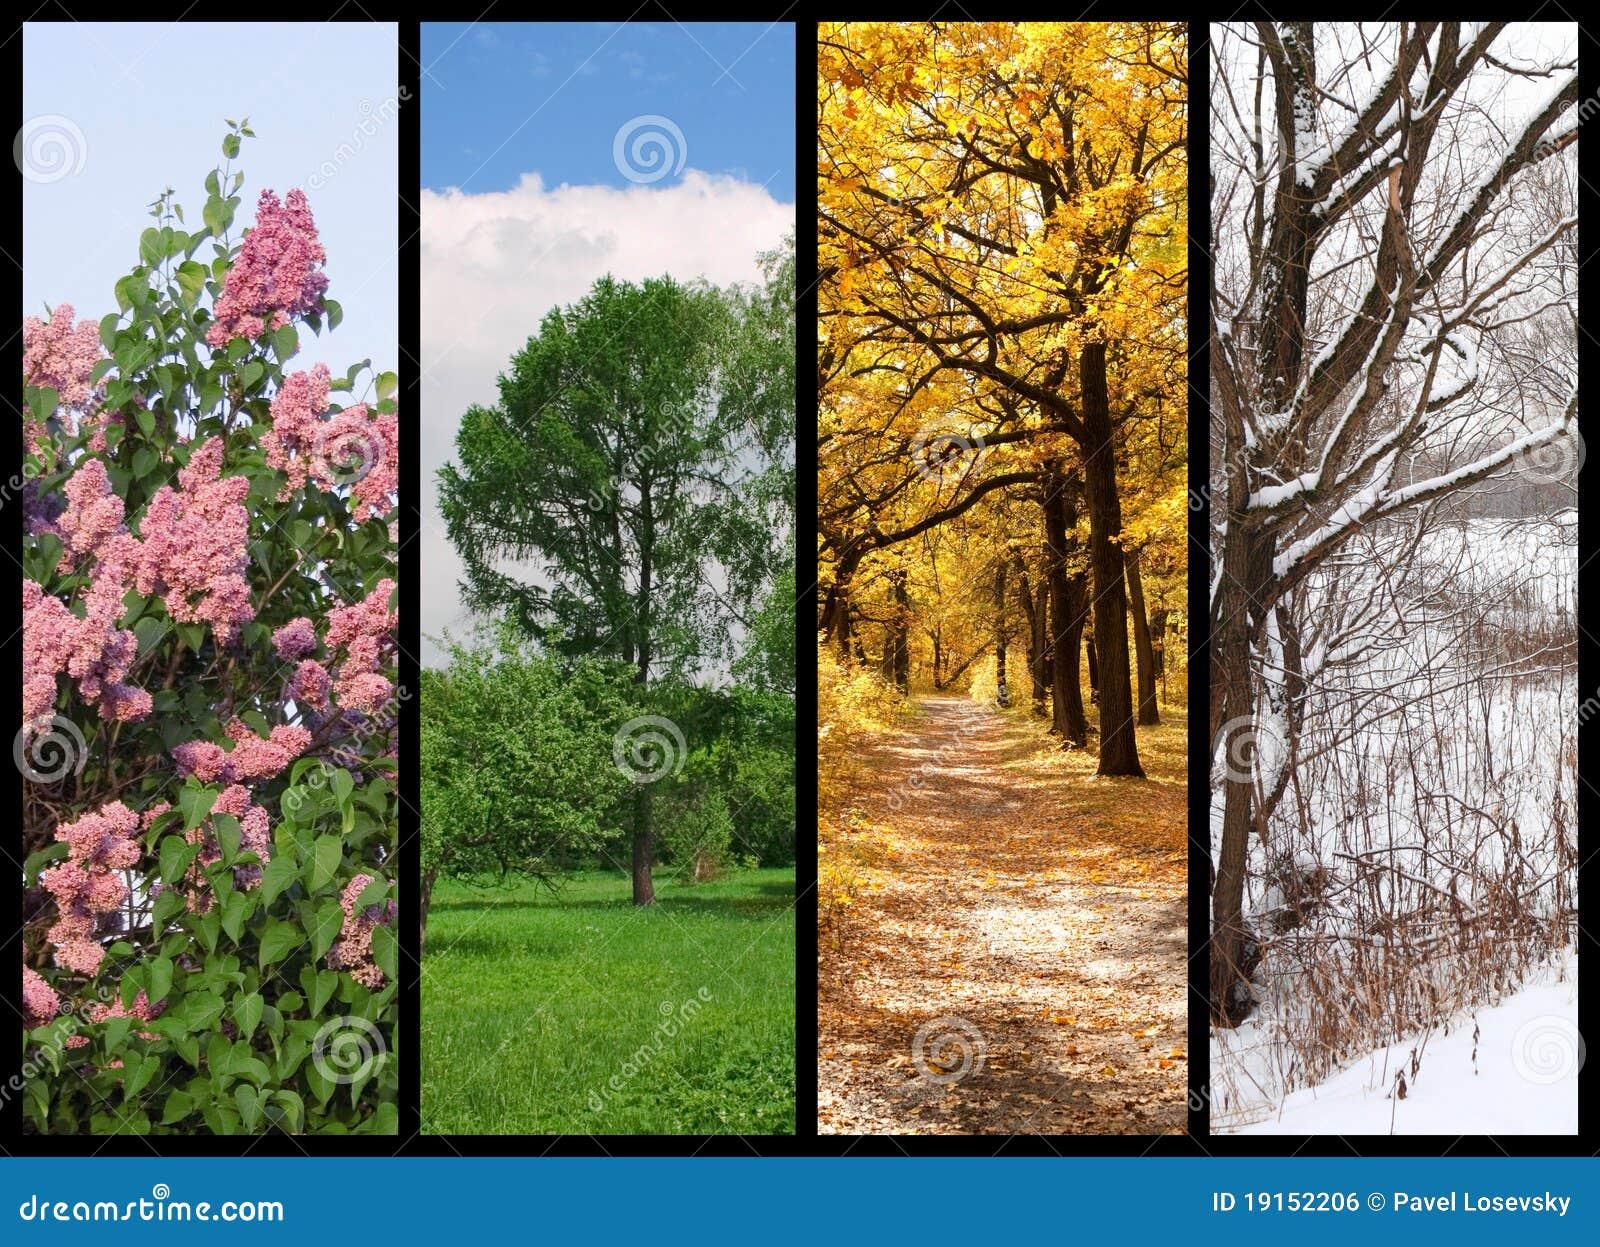 Vier Jahreszeiten Entspringen Sommer Herbst Winter